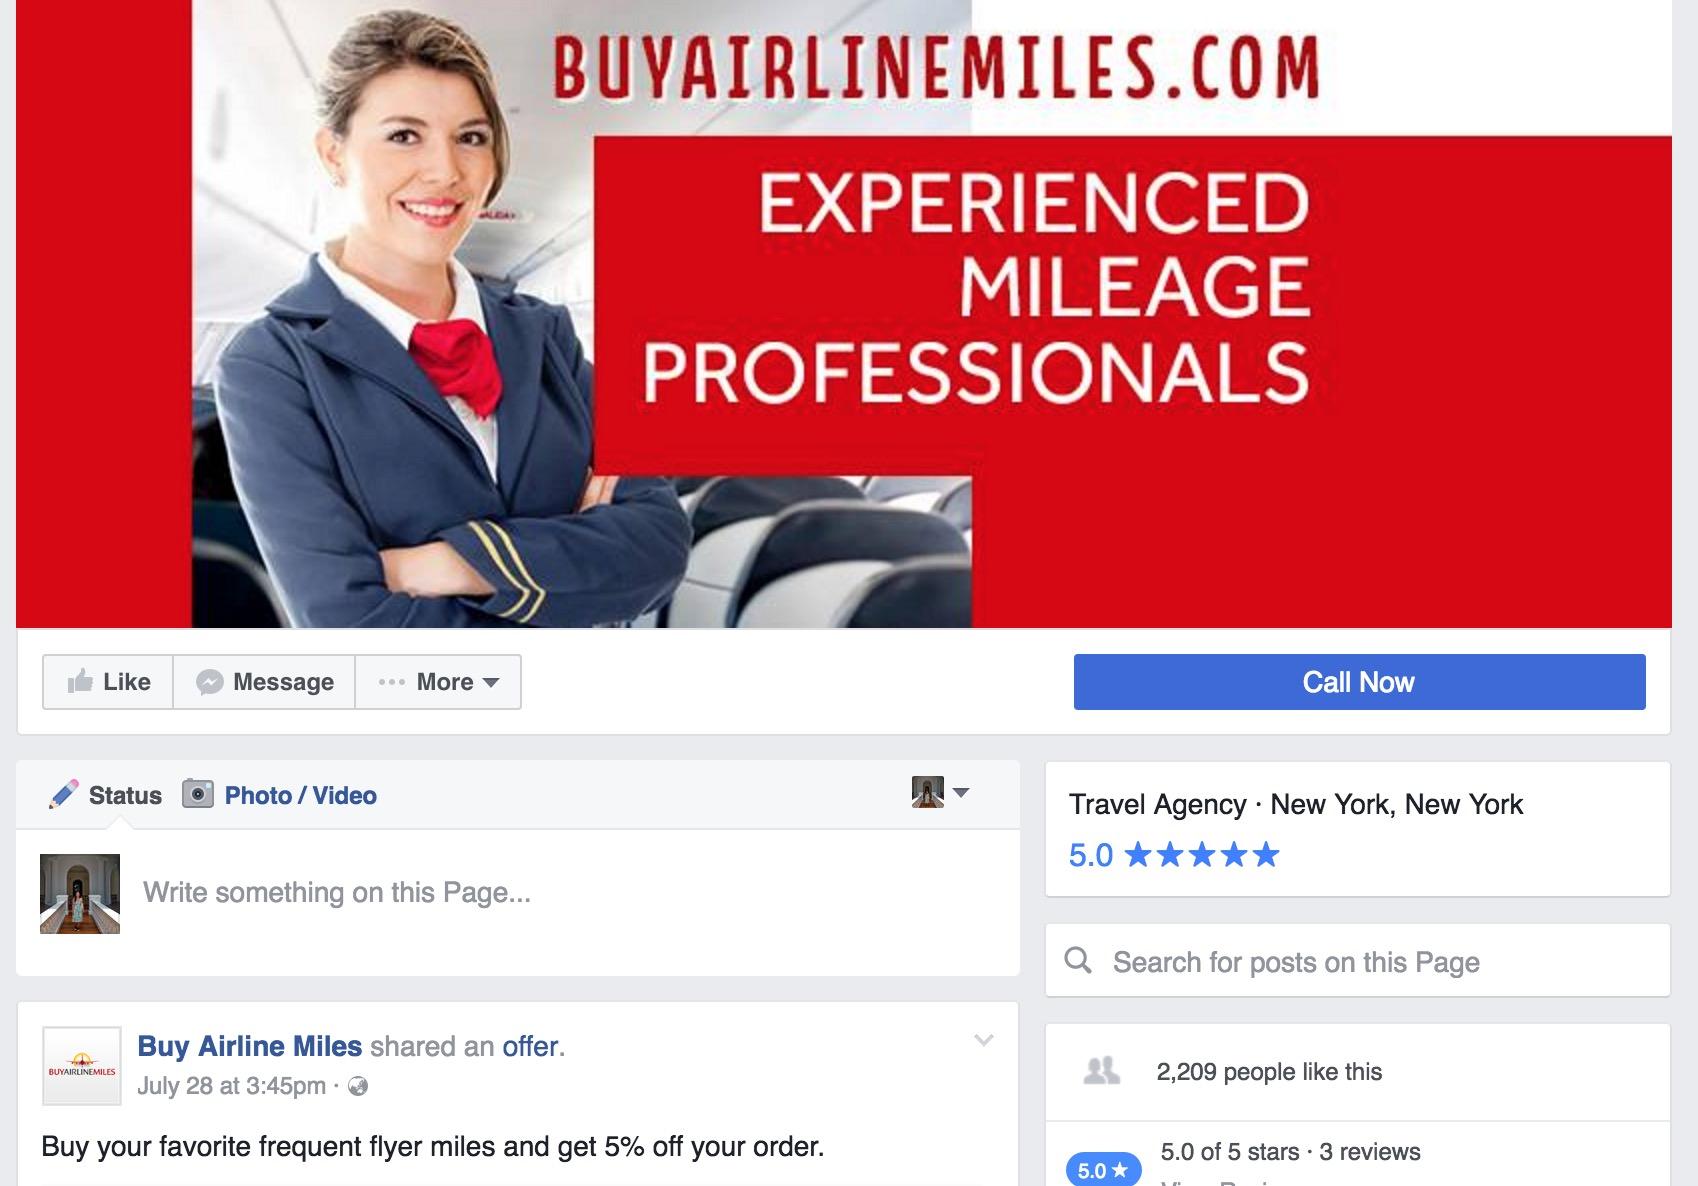 Online Mileage Brokers - Buy Airline Miles Facebook | Point Hacks